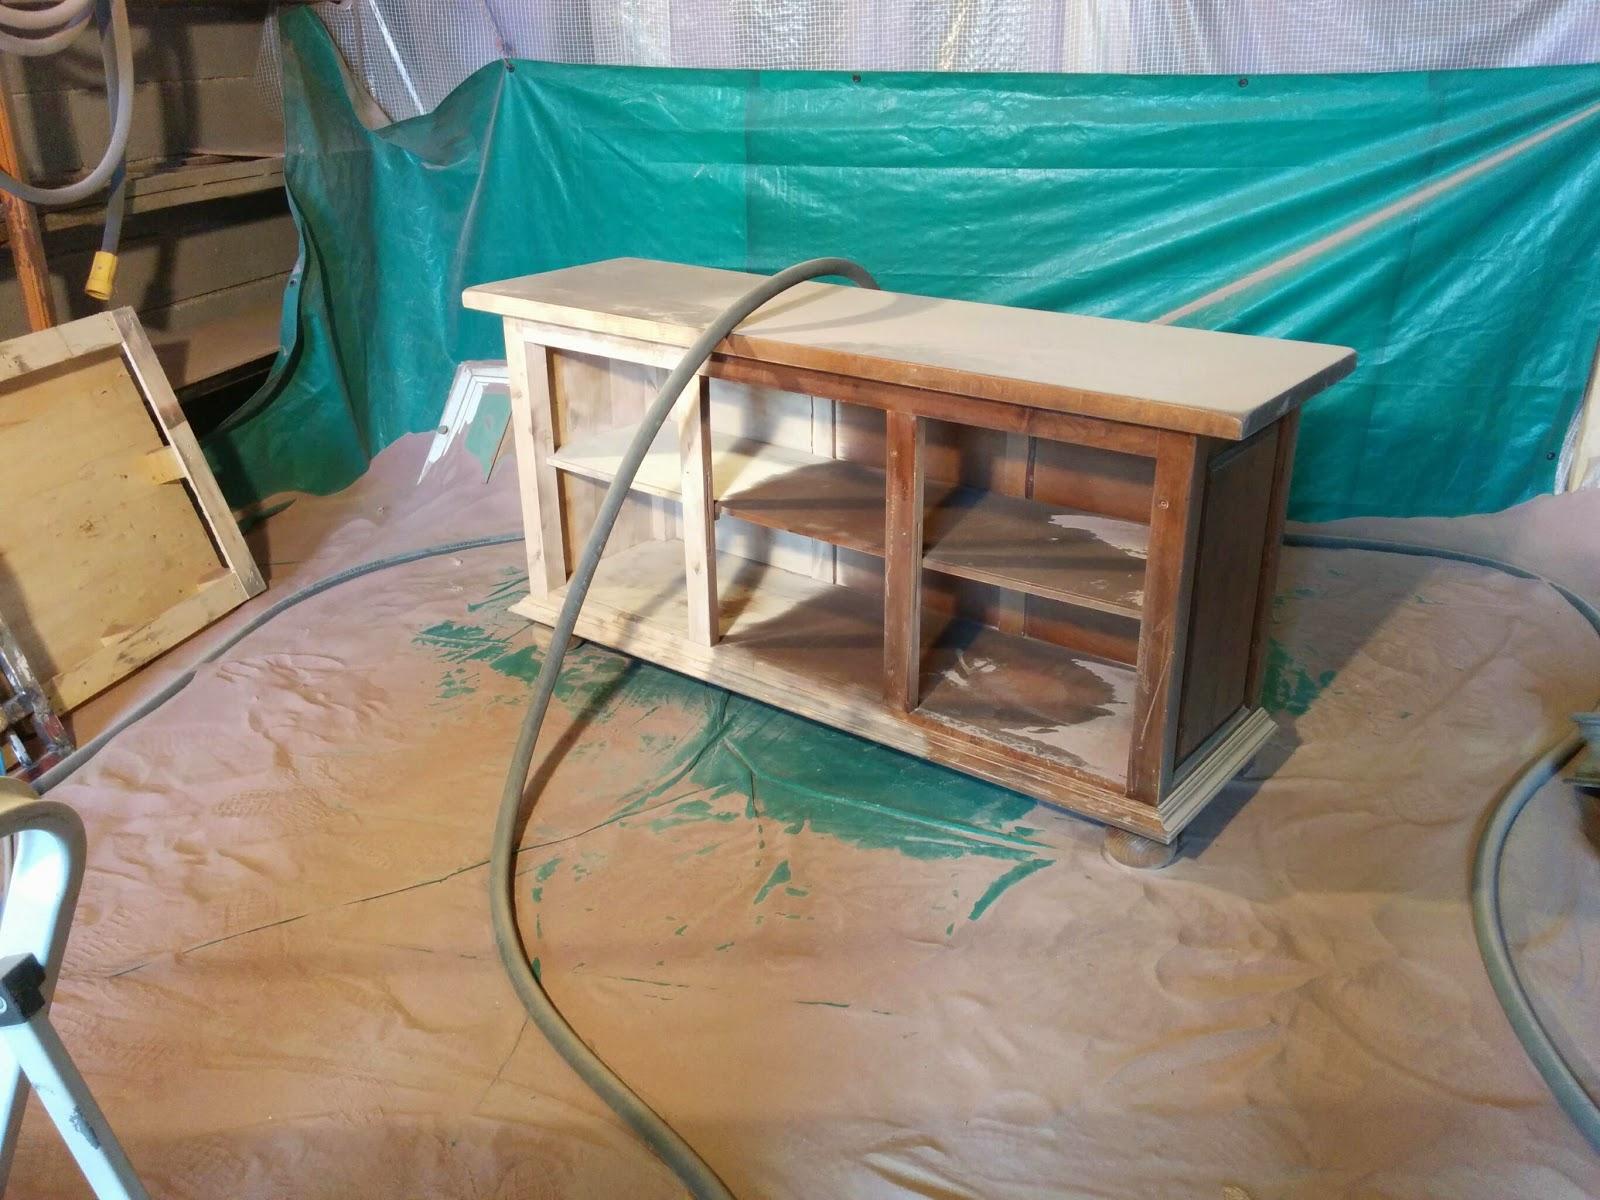 Sablage Meuble Bois - EcoNet83 décapage sablage basse pression Décapage bois, meubles anciens